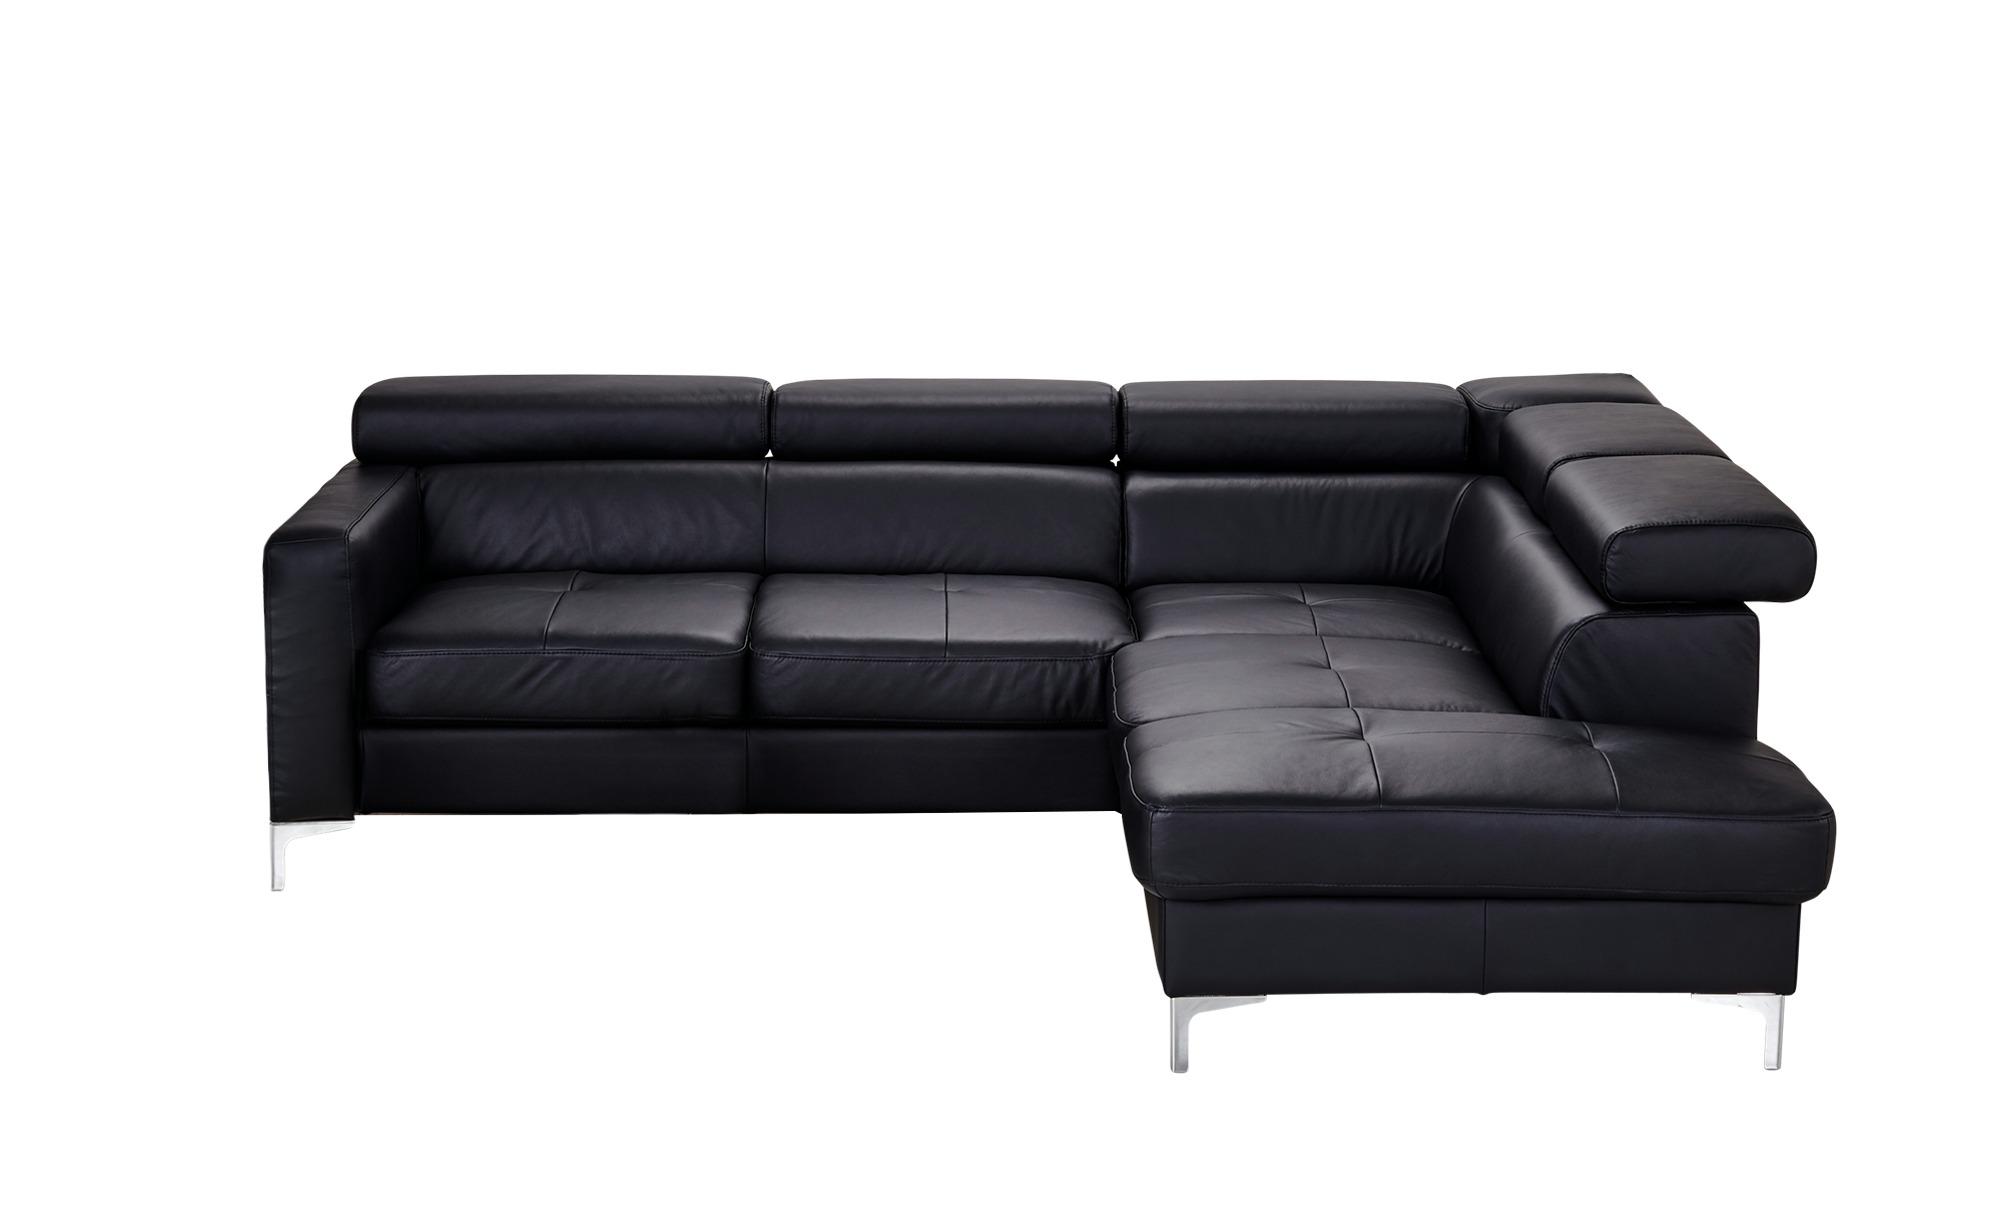 welche farben passen zum schwarzen ledersofa und sessel einrichtung. Black Bedroom Furniture Sets. Home Design Ideas